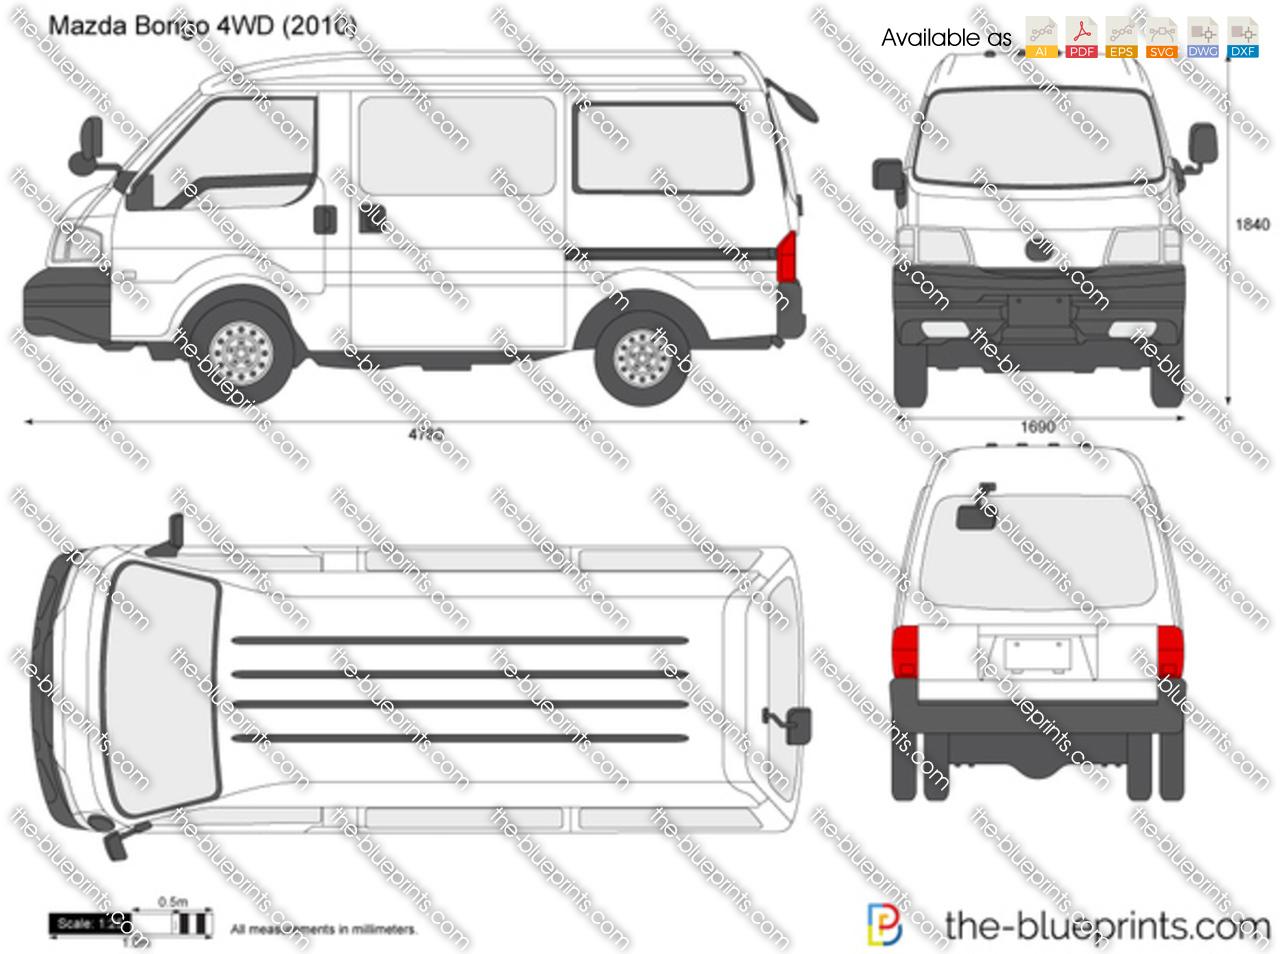 Mazda Bongo 4WD 2002